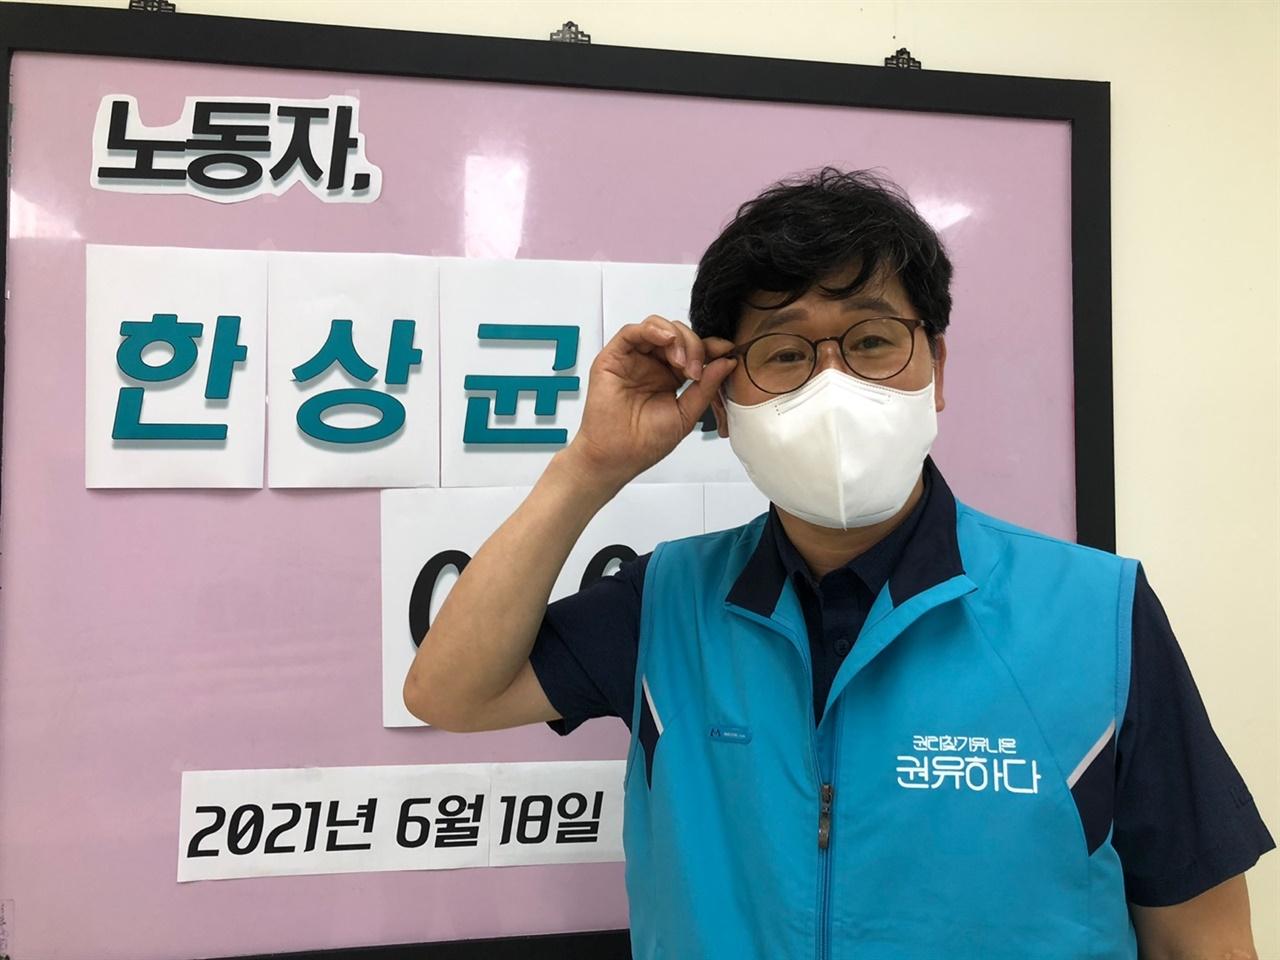 통영에서 특강을 가진 한상균 권리찾기유니온 위원장